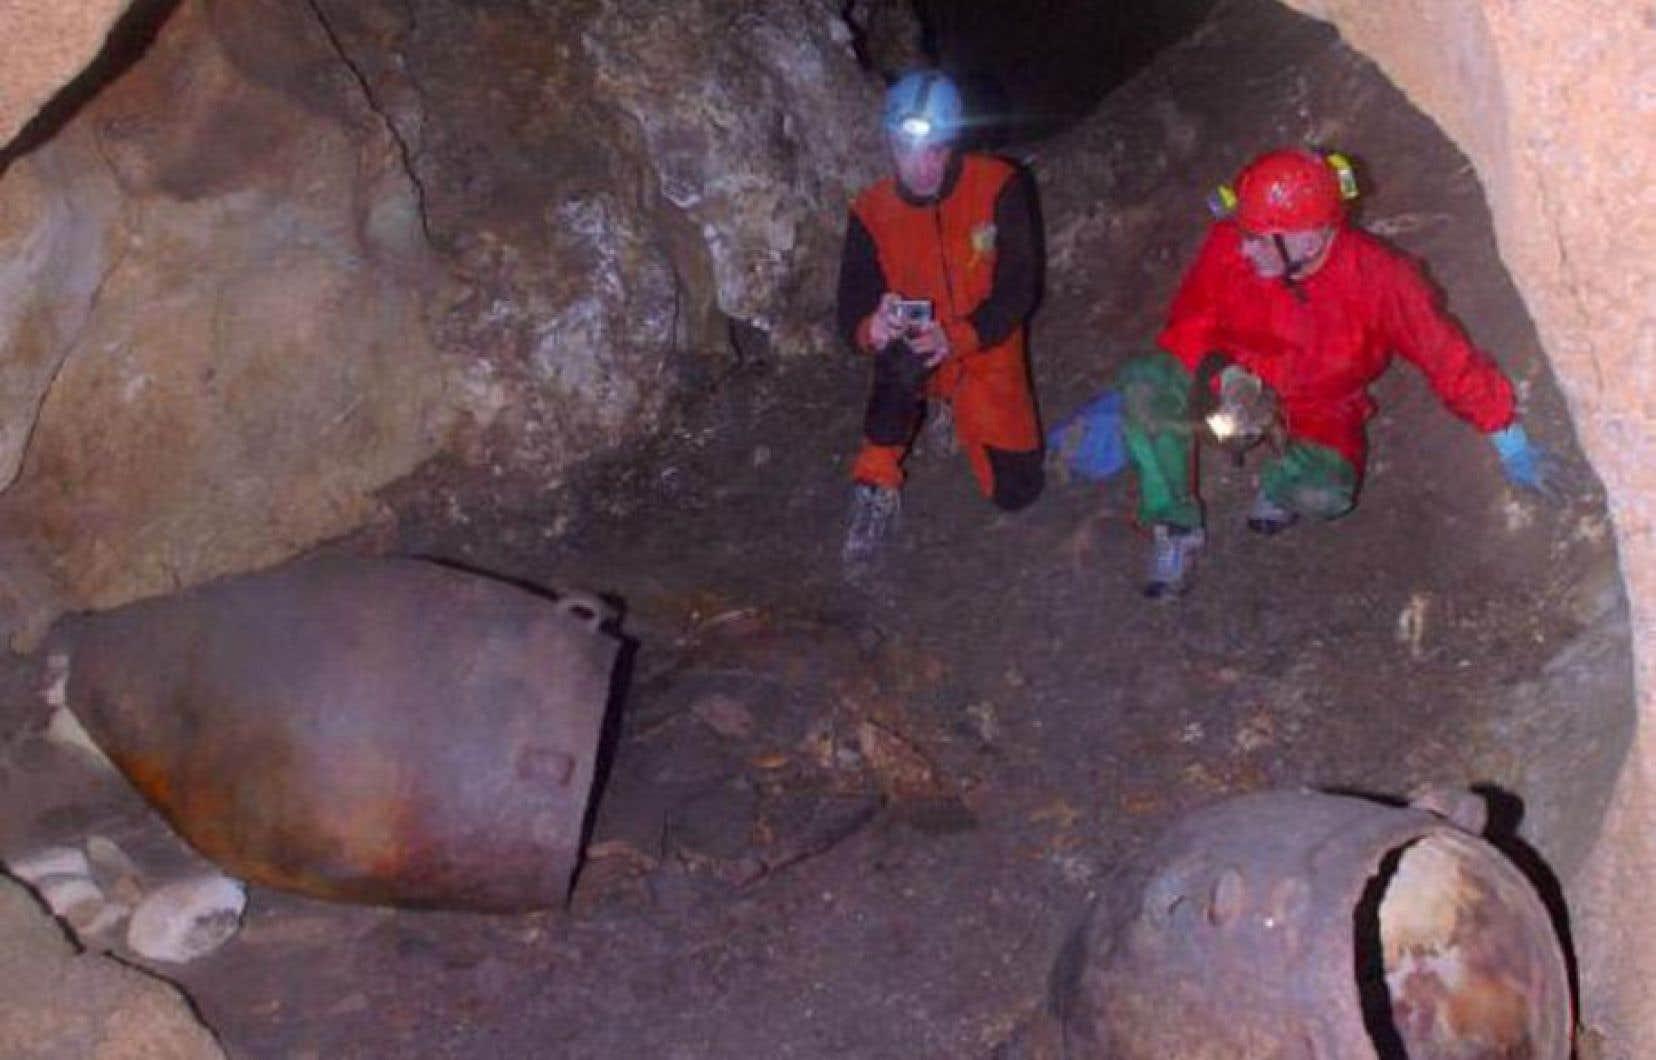 L'équipe dirigée par l'archéologue Davide Tanasi a détecté des résidus de raisin fermenté dans des jarres datant du4e millénaire avant notre ère.